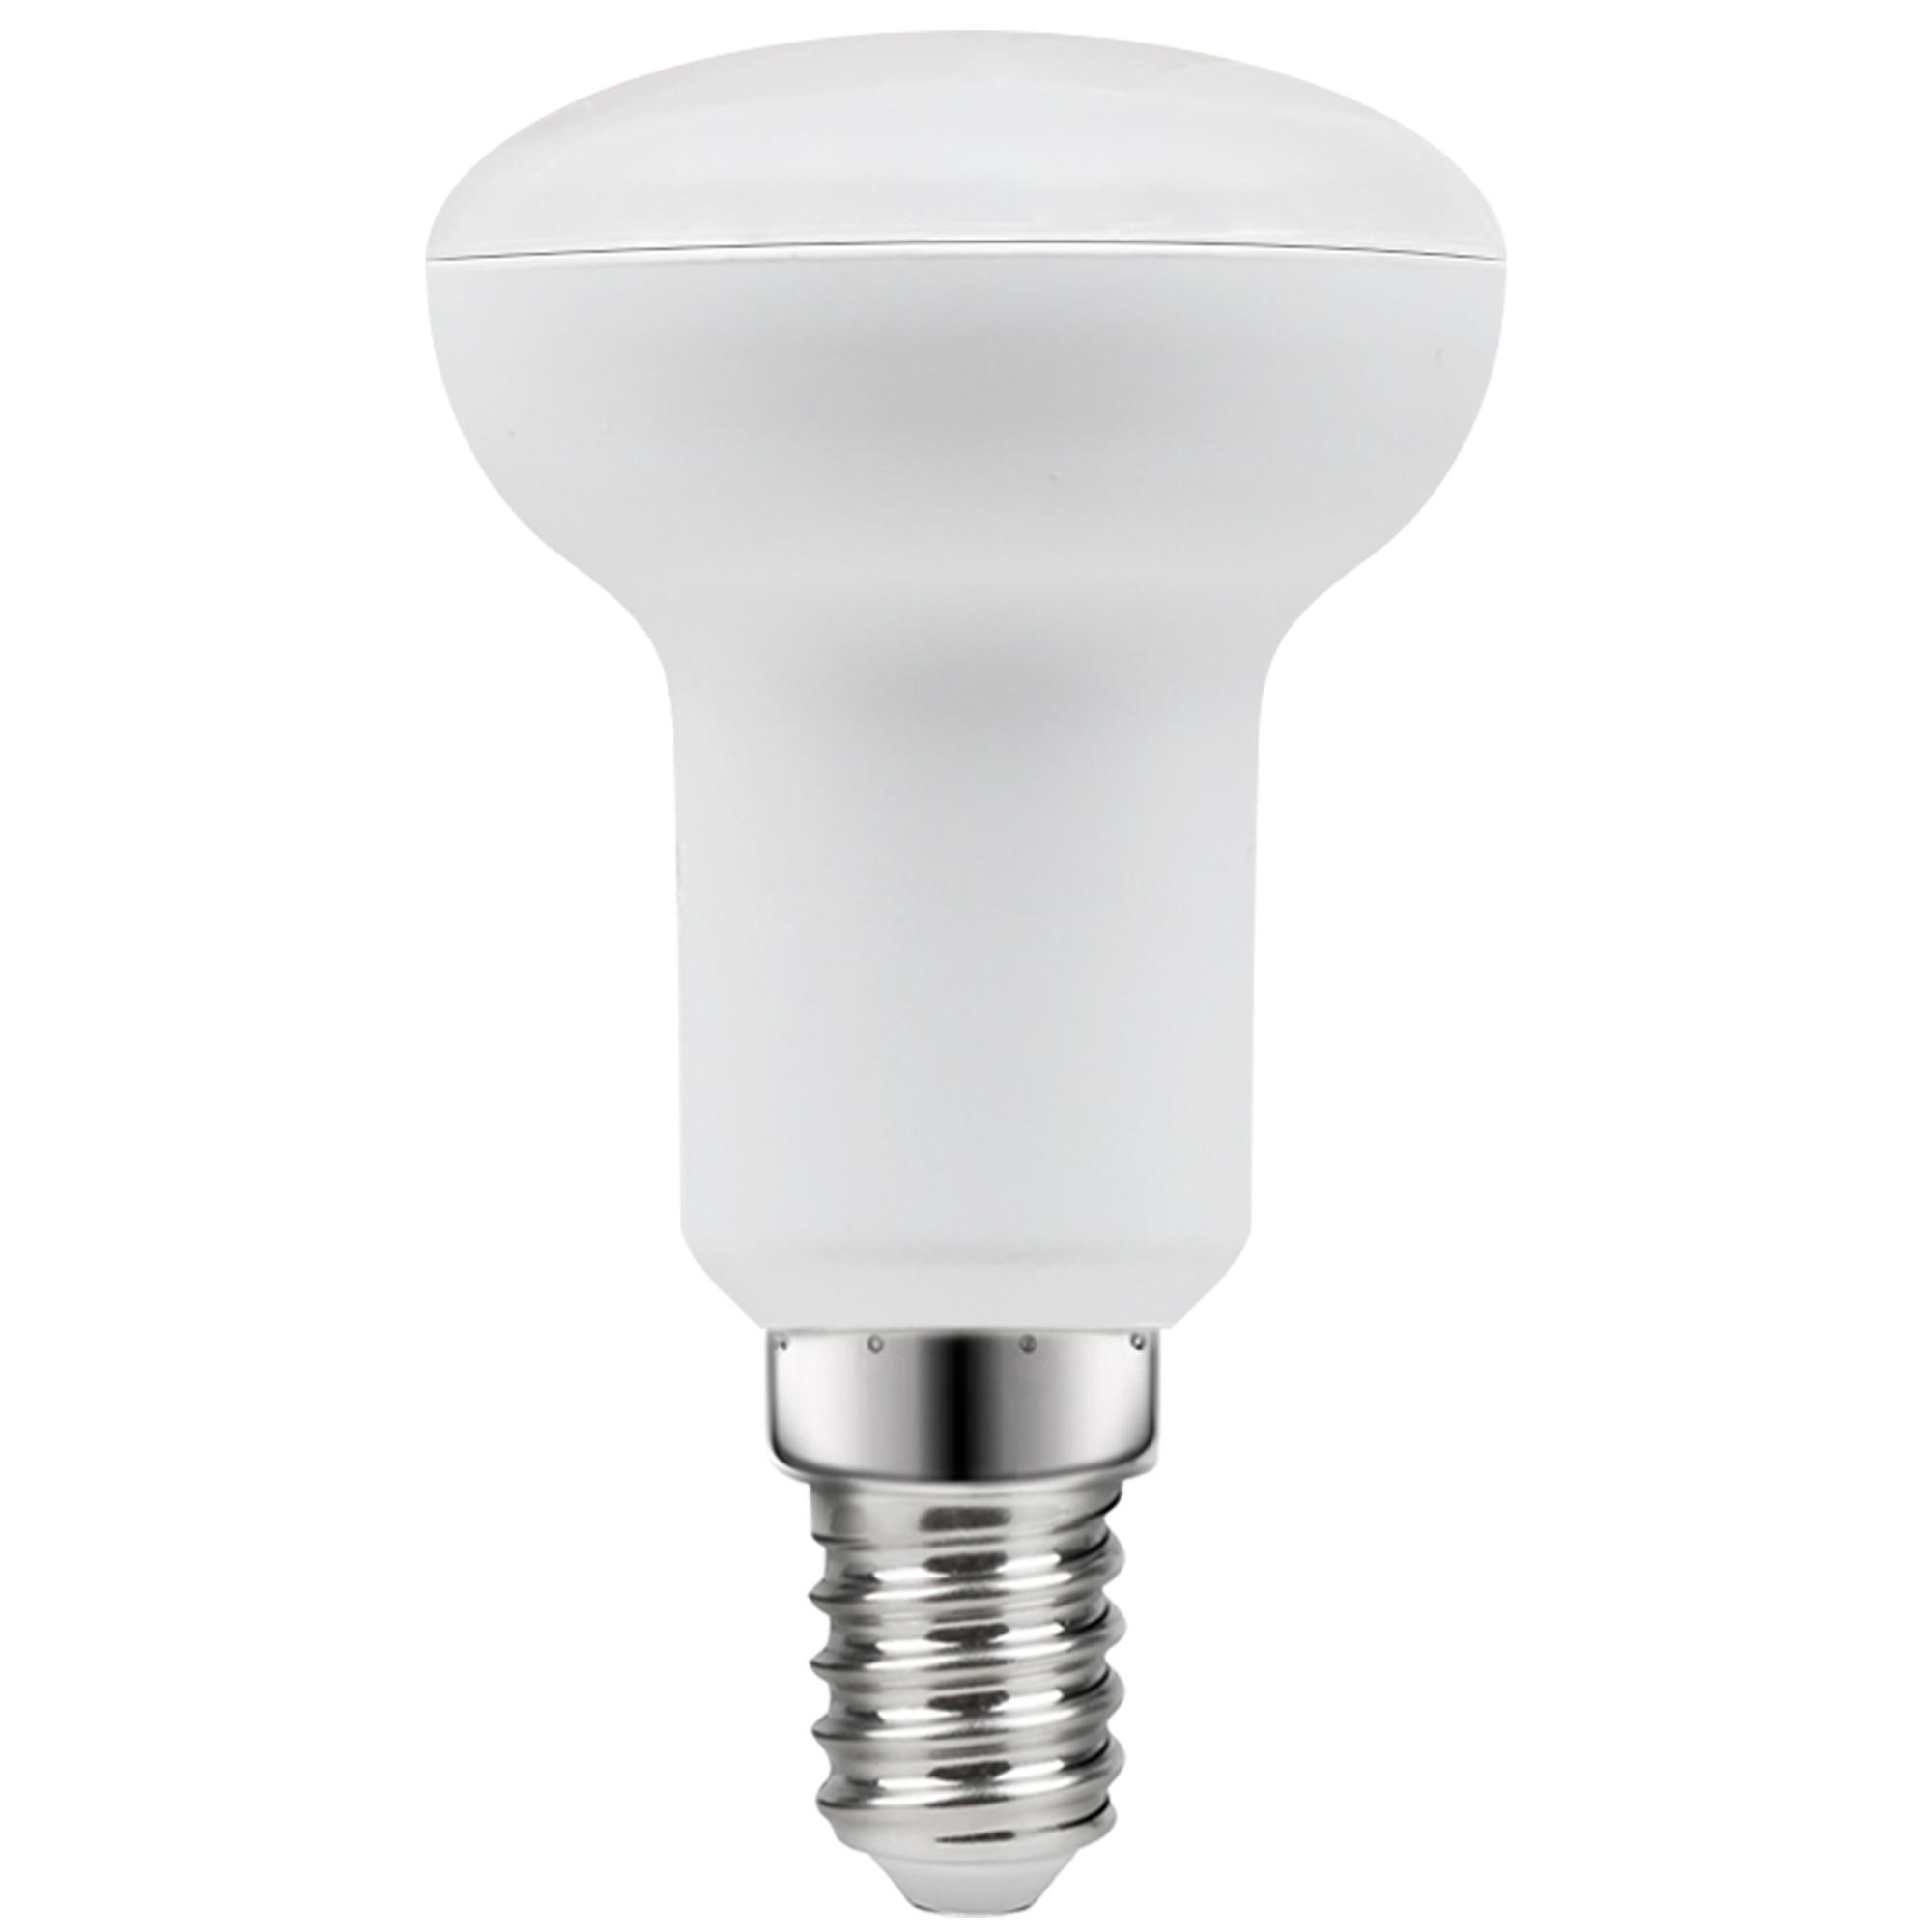 Лампа светодиодная Lexman E14 220 В 7.5 Вт отражатель прозрачный 806 лм белый свет